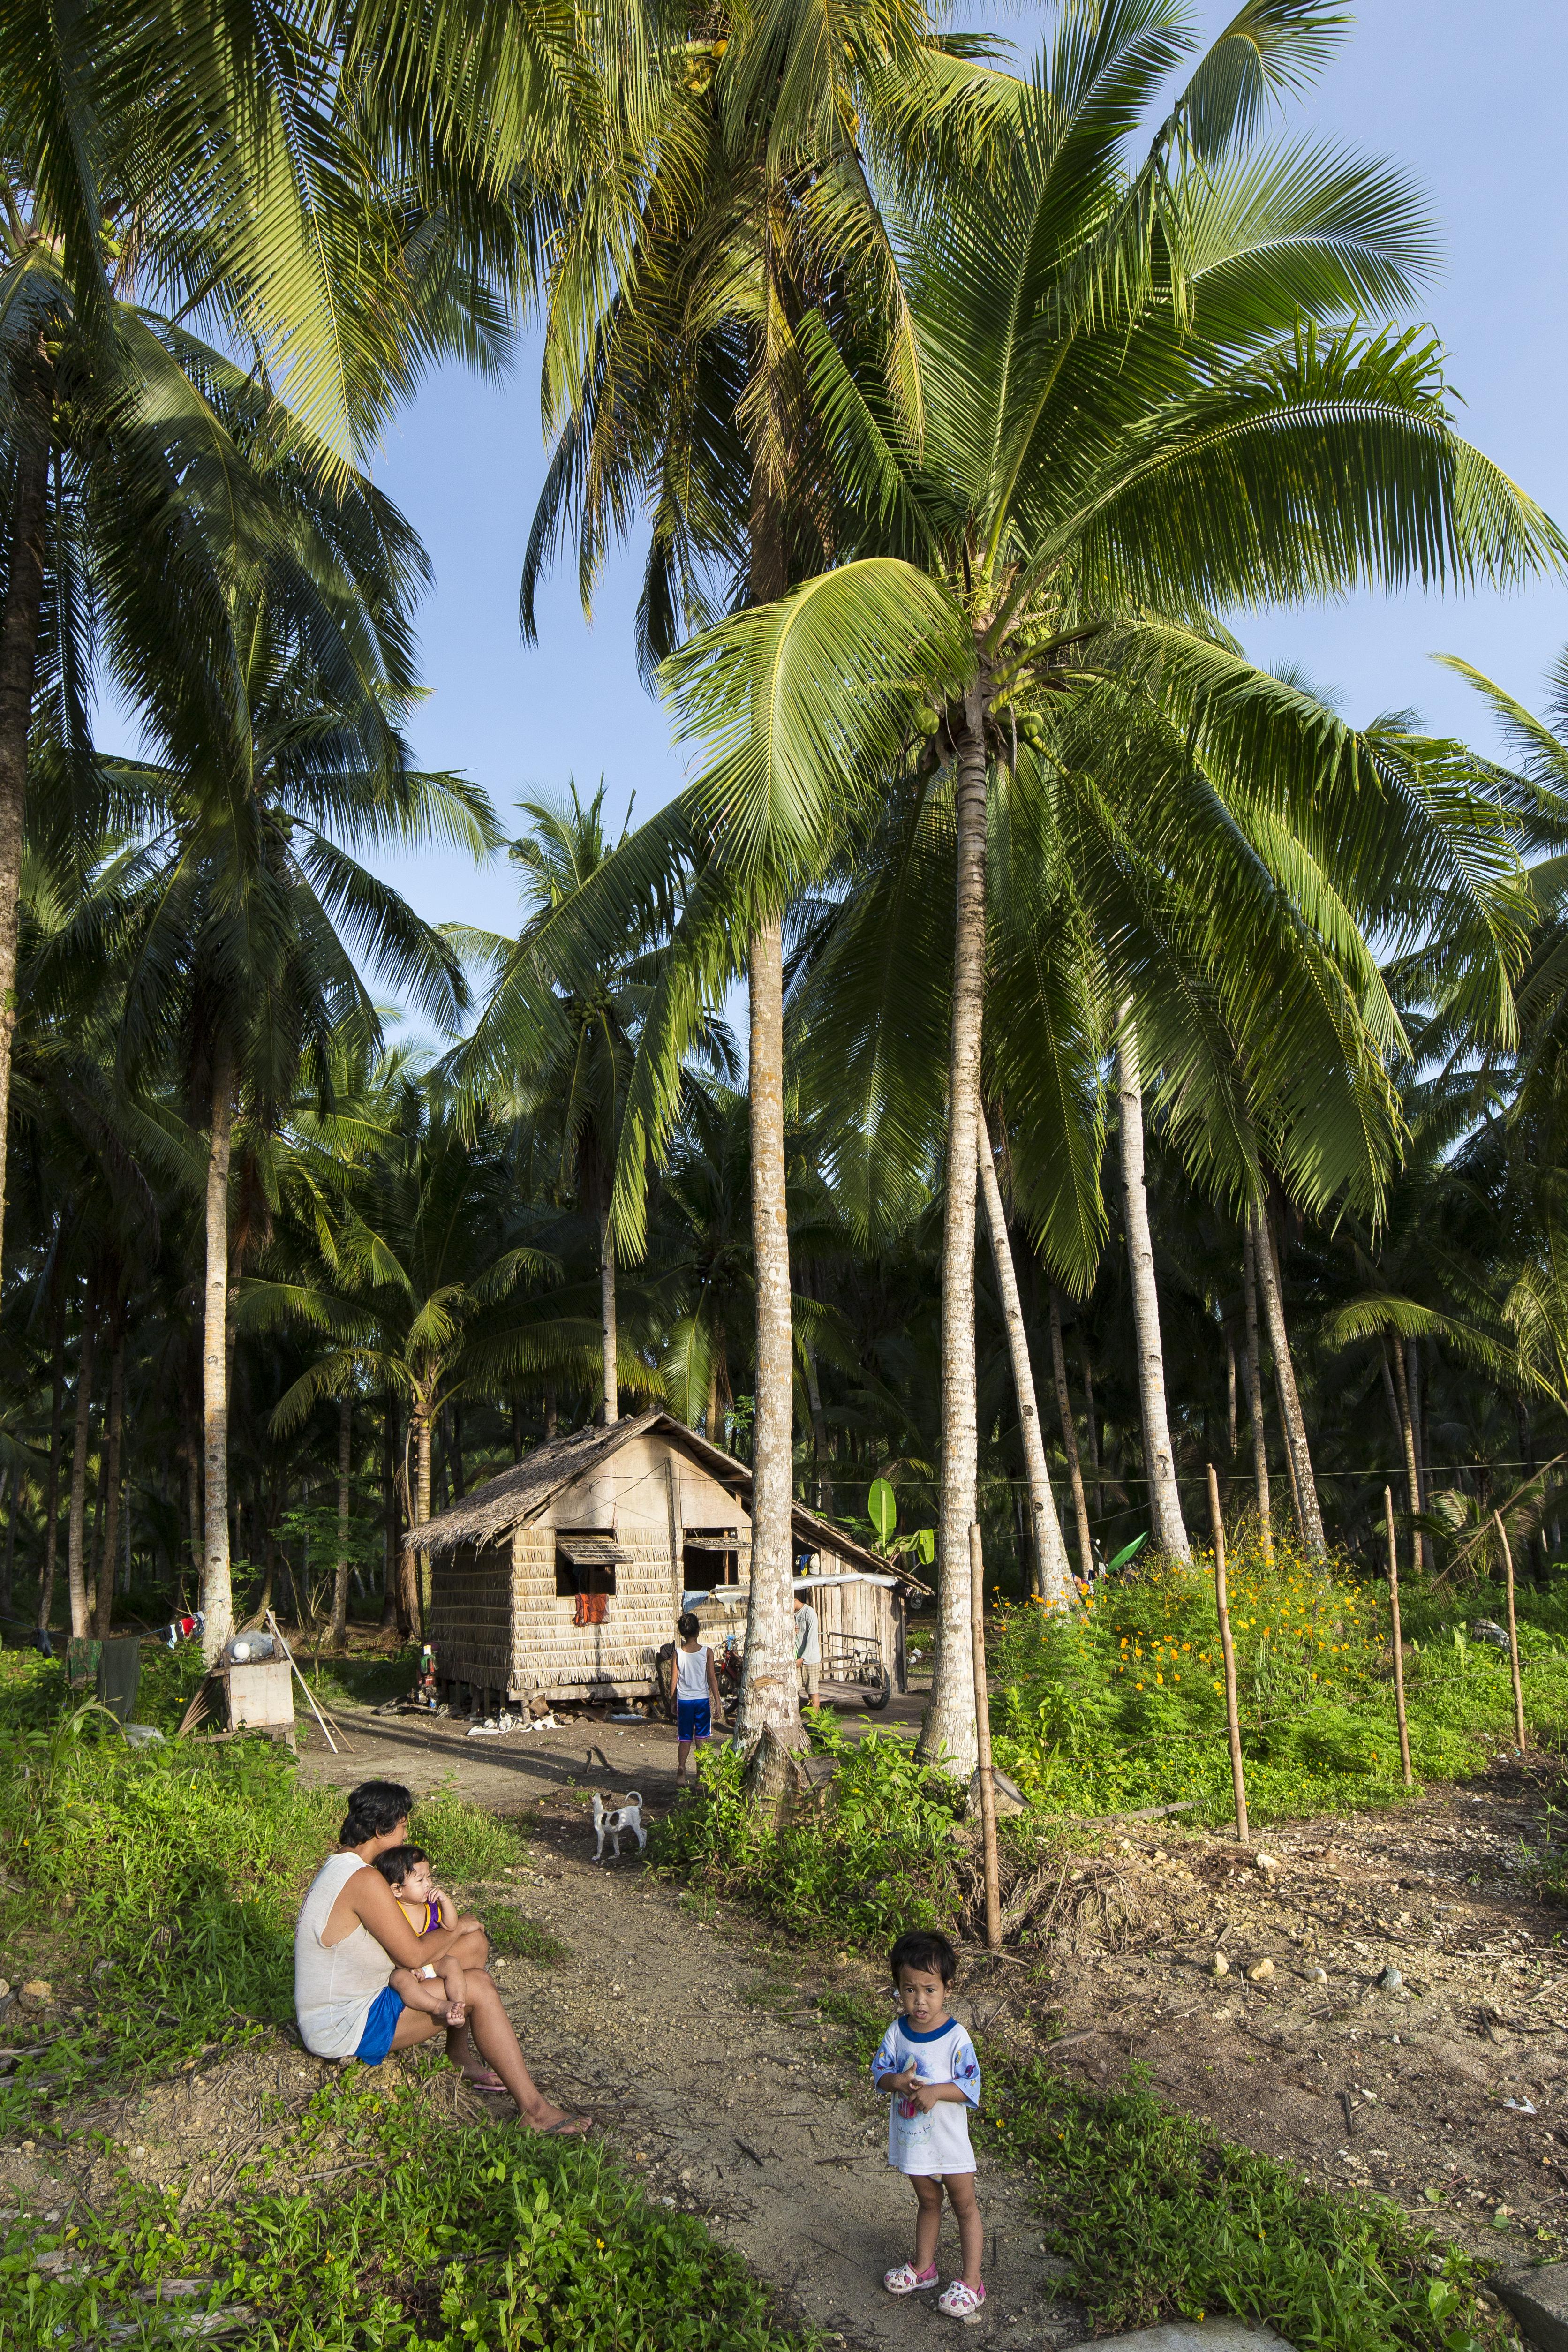 Bahay Kubo - Native Huts